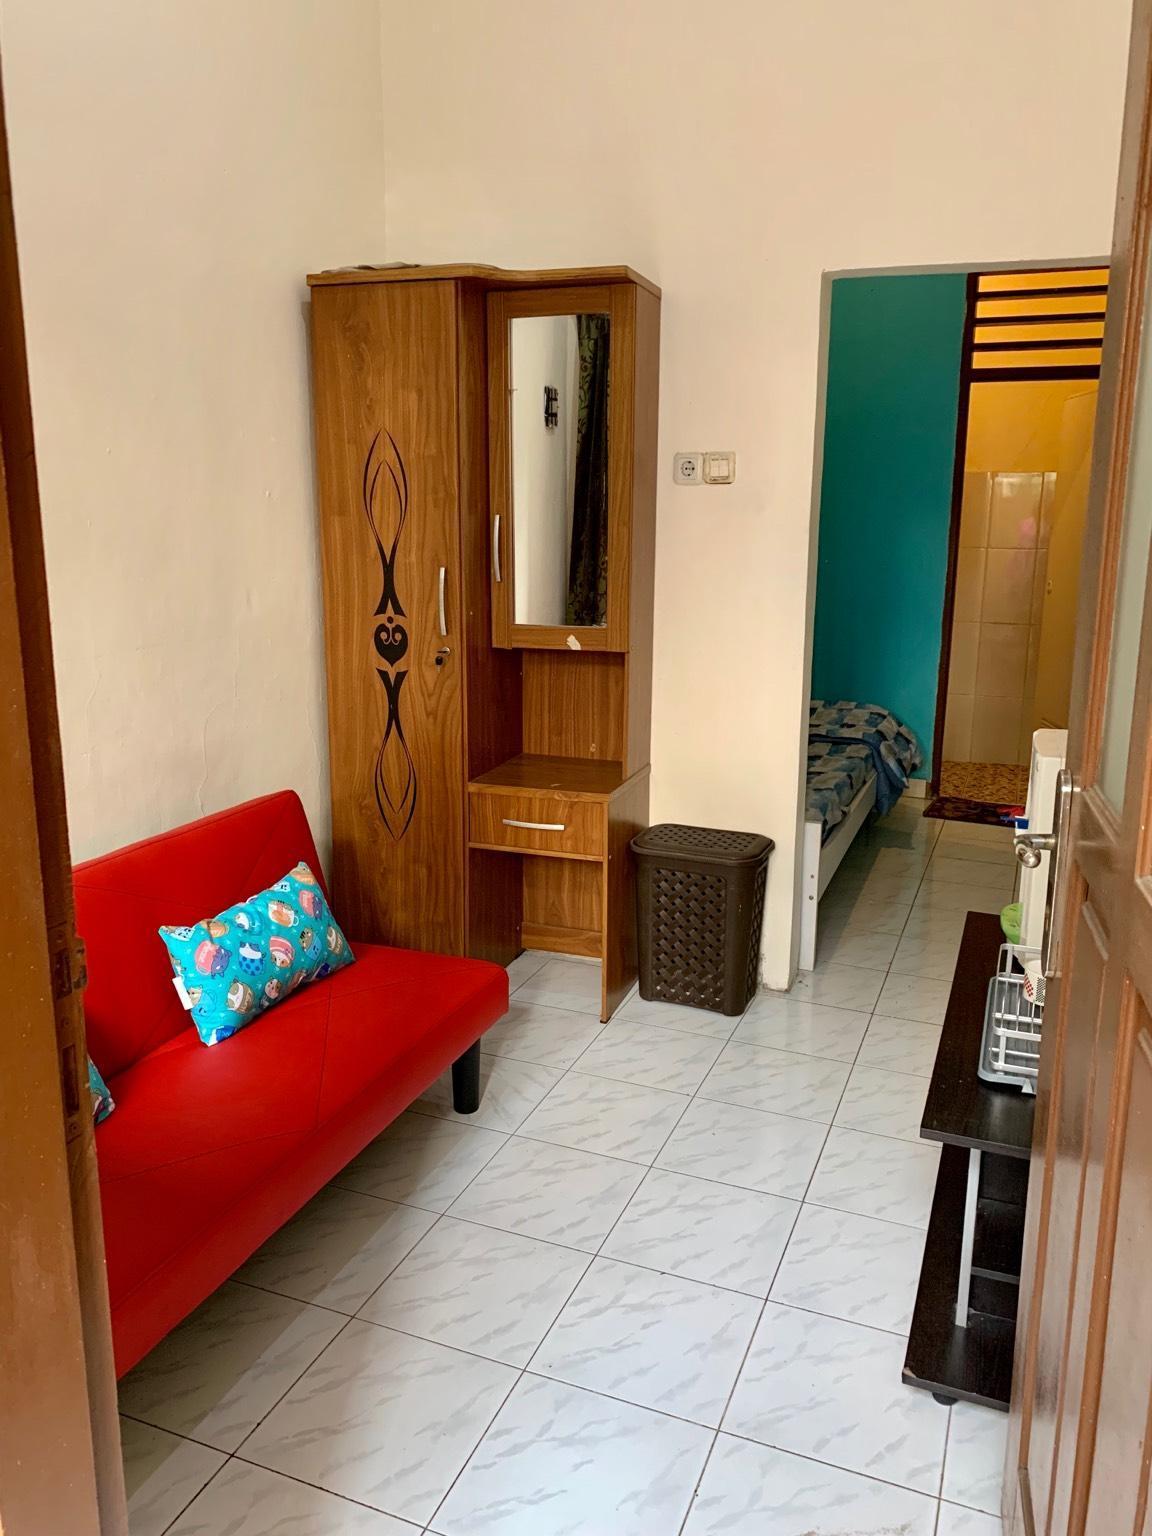 rumah 1 kamar tidur